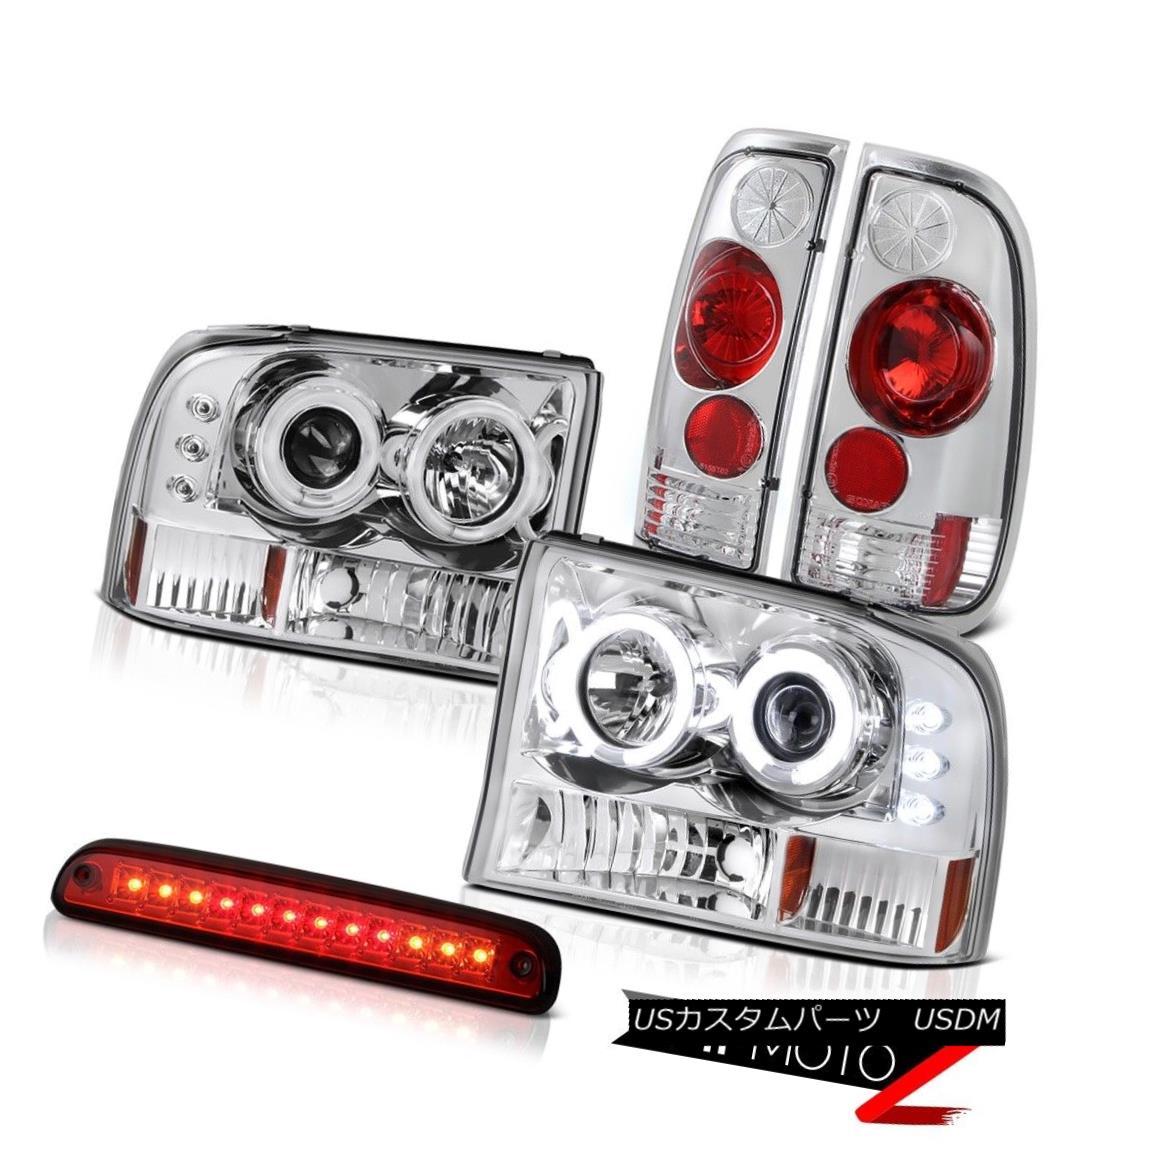 ヘッドライト CCFL Halo Headlights High Stop LED Red Rear Third Brake Lights 99-04 F350 XL CCFL HaloヘッドライトハイストップLEDレッドリア第3ブレーキライト99-04 F350 XL